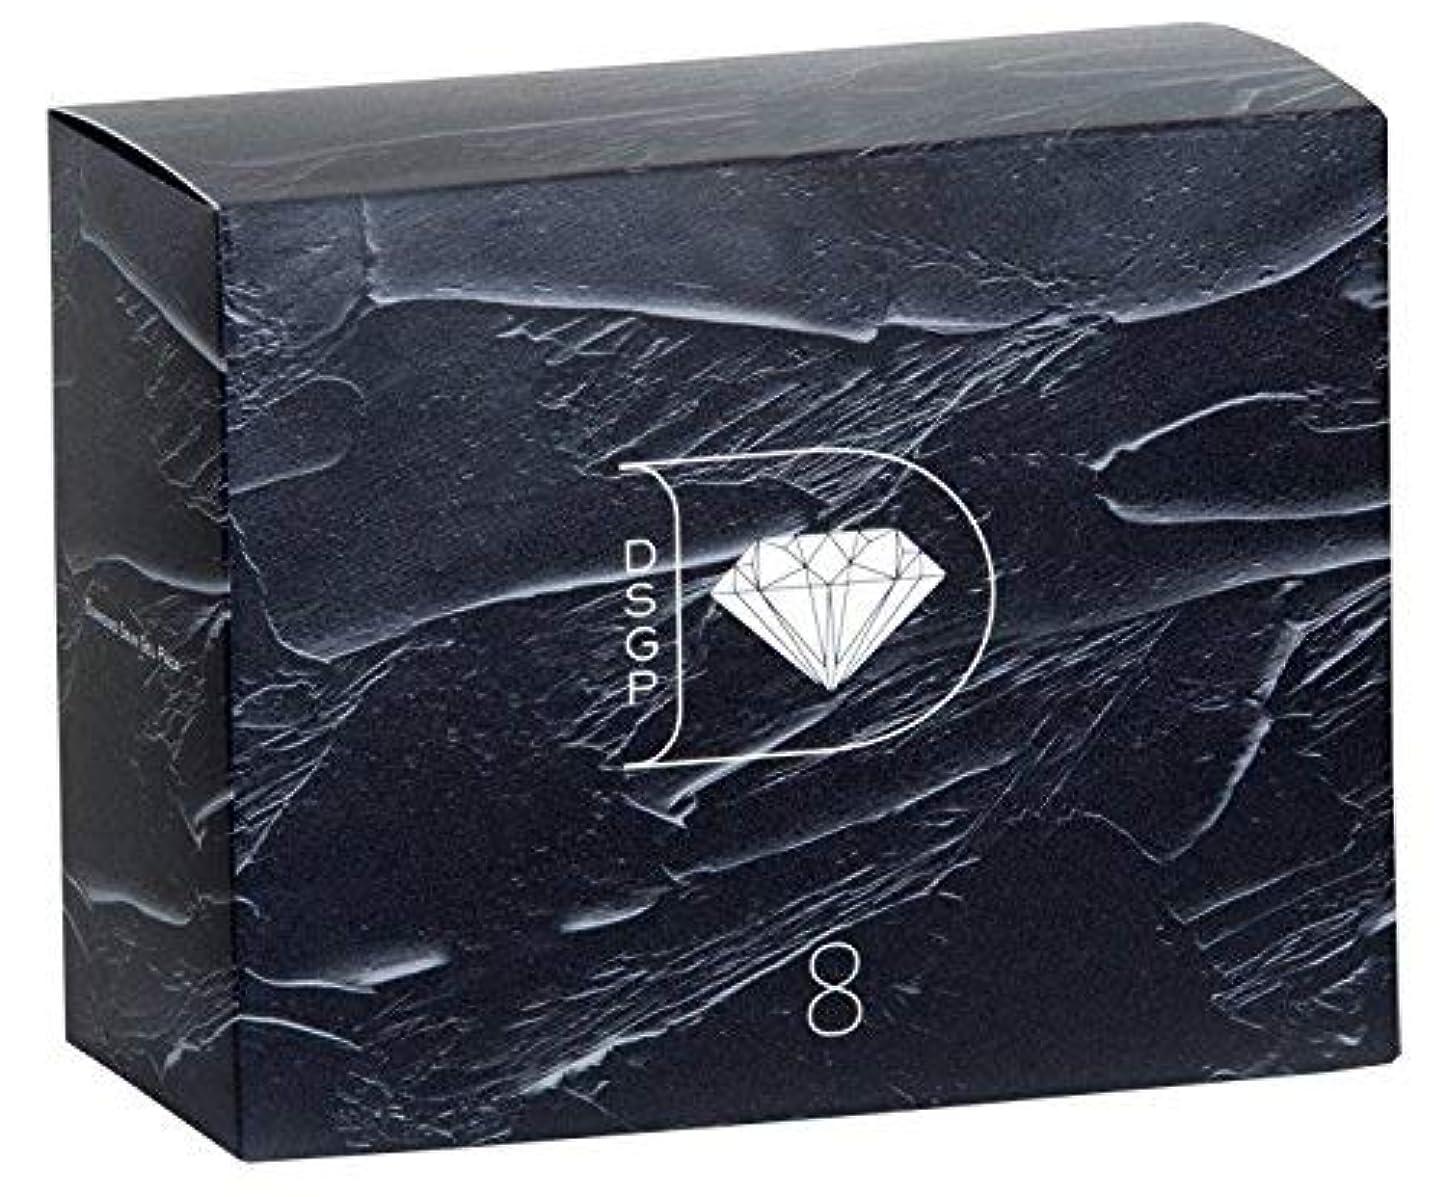 反動週間新しさダイヤモンドスキンジェルパック×9箱 (1箱/8回分) 1回のパックで実感、もっちり肌。 琉球粘土×高濃度炭酸ガス フェイスパック